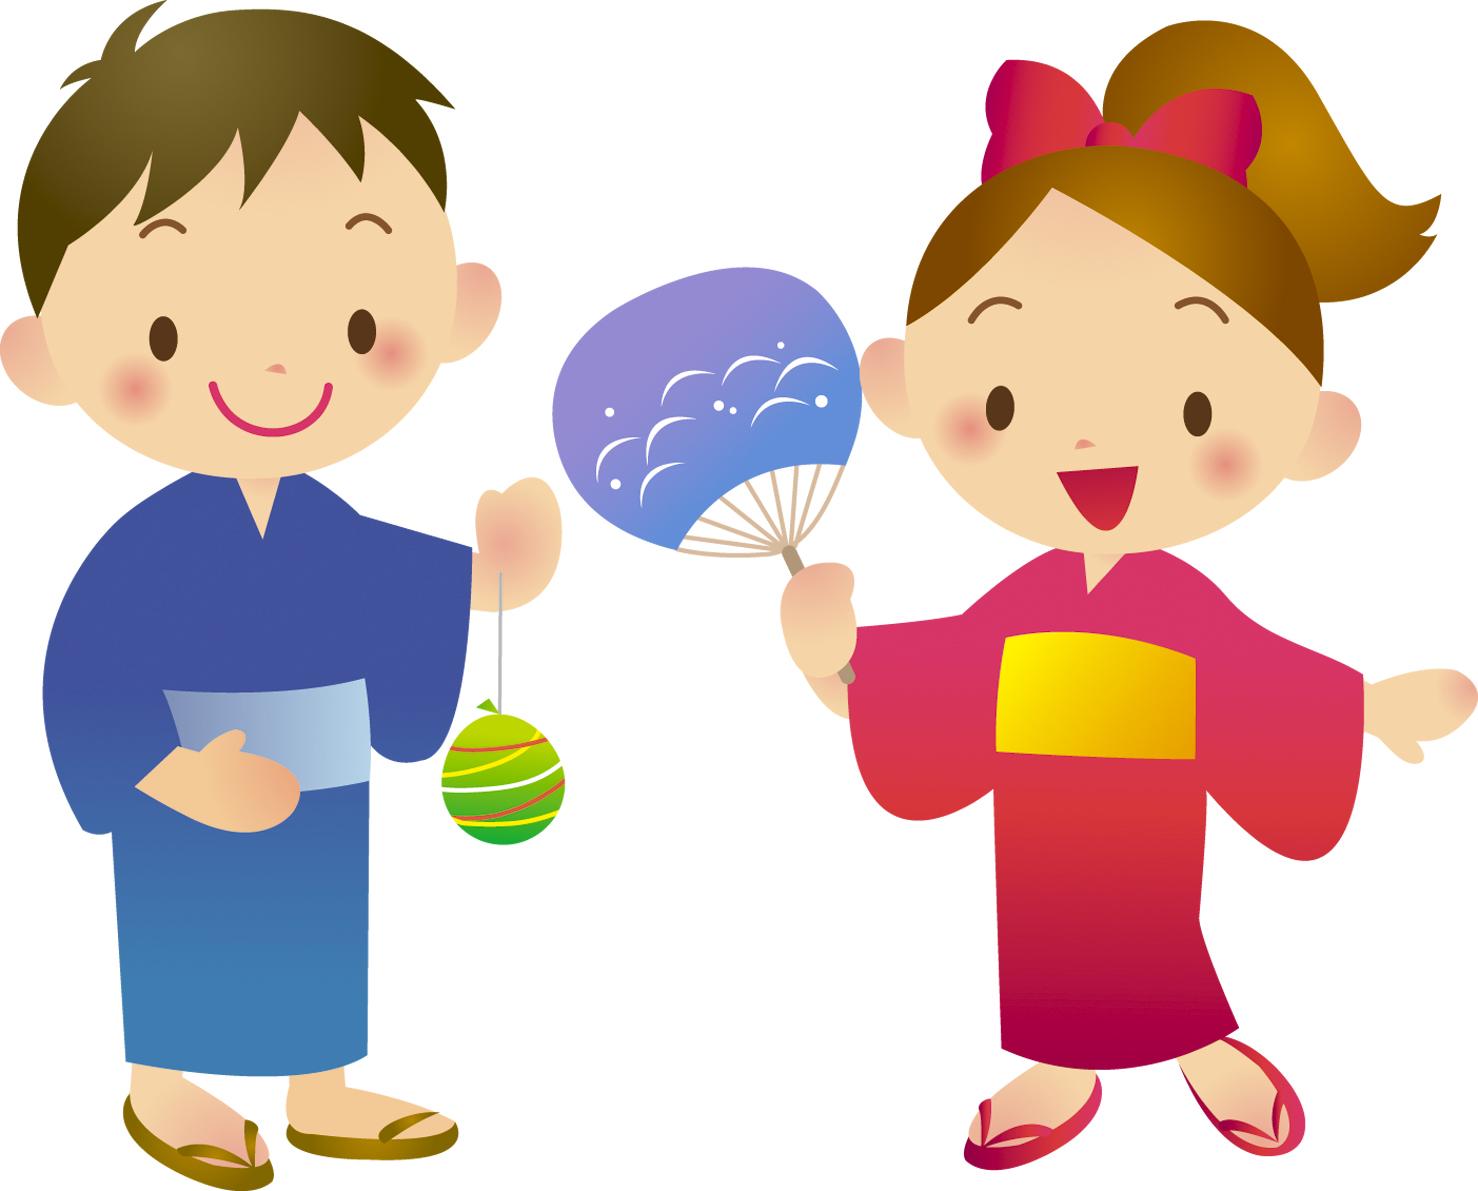 面倒だなんて言わないで!子供と過ごす夏休みを堪能しよう!!のサムネイル画像